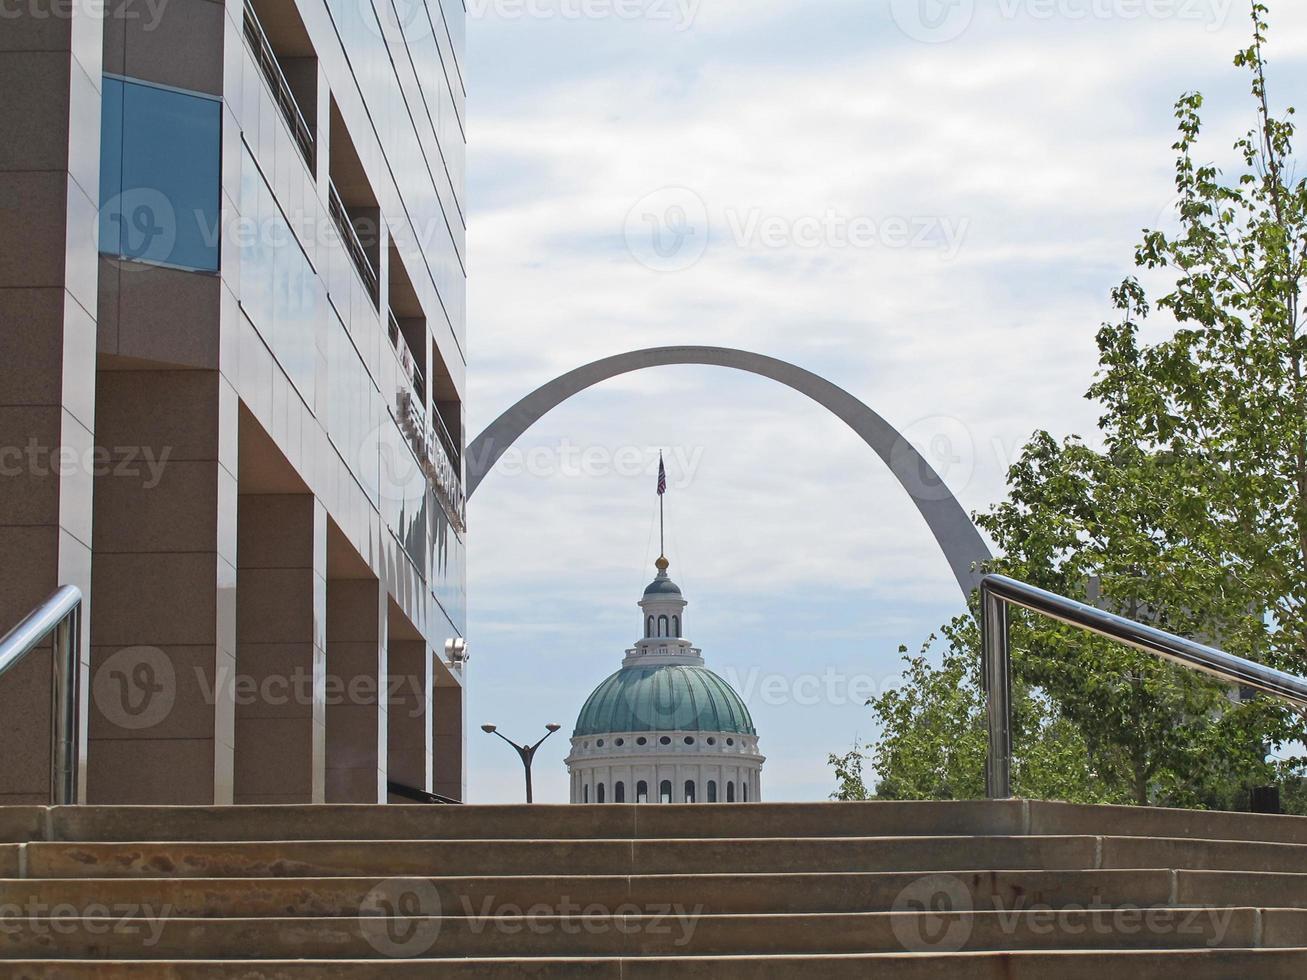 edificio ad arco e capitol nel centro di st. Louis foto